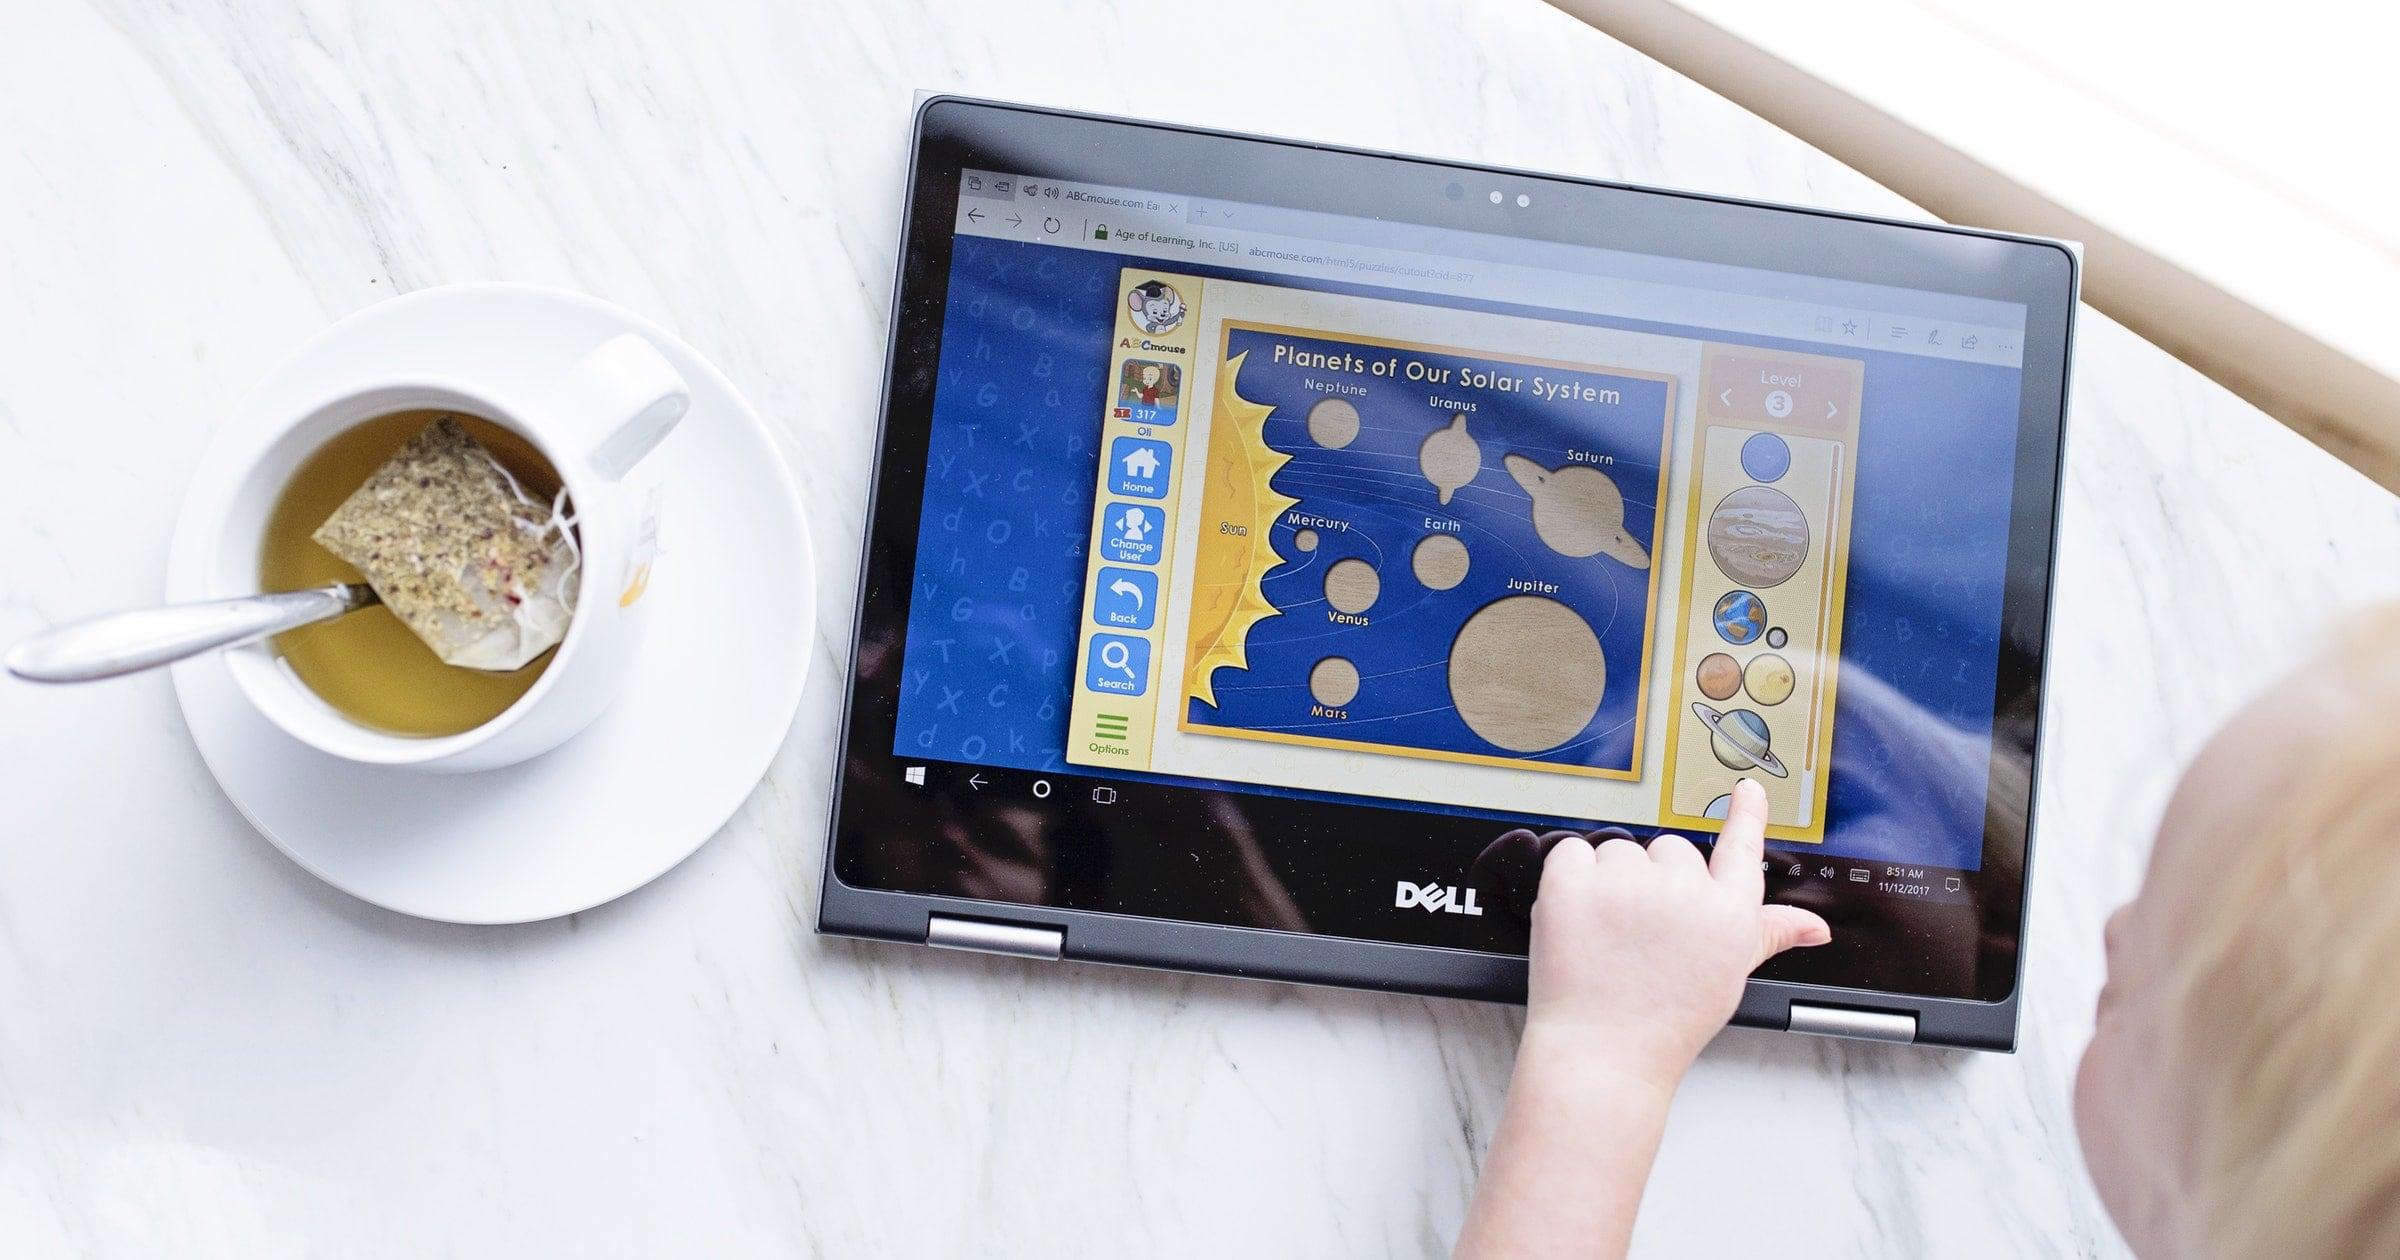 arendavad mängud lastele, lastele telefon, telefonimängud lastele, laps telefonis, arendav mäng, arendav telefonimäng, mobipunkt